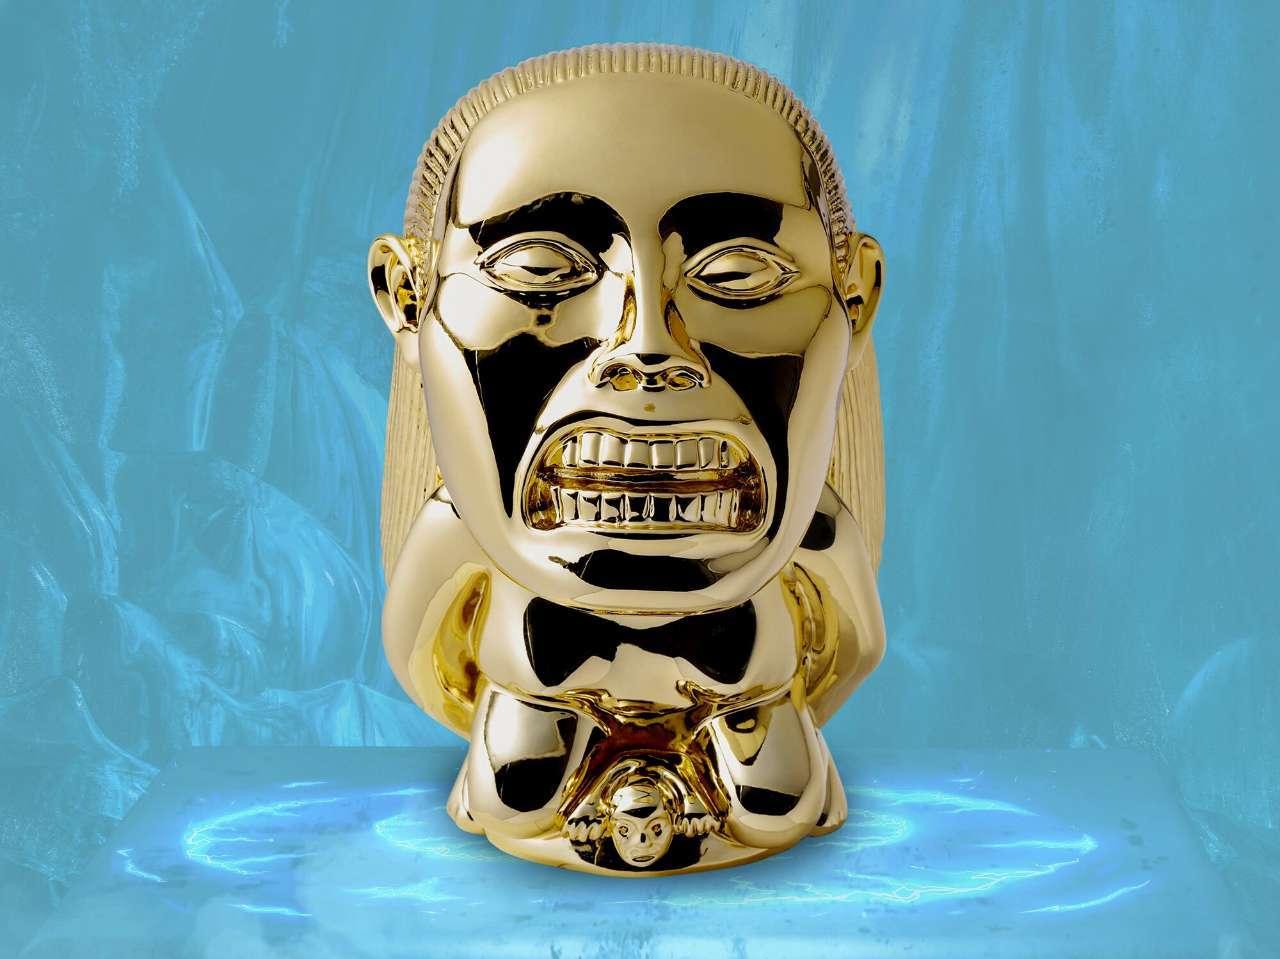 indiana-jones-golden-idol-prop-replica